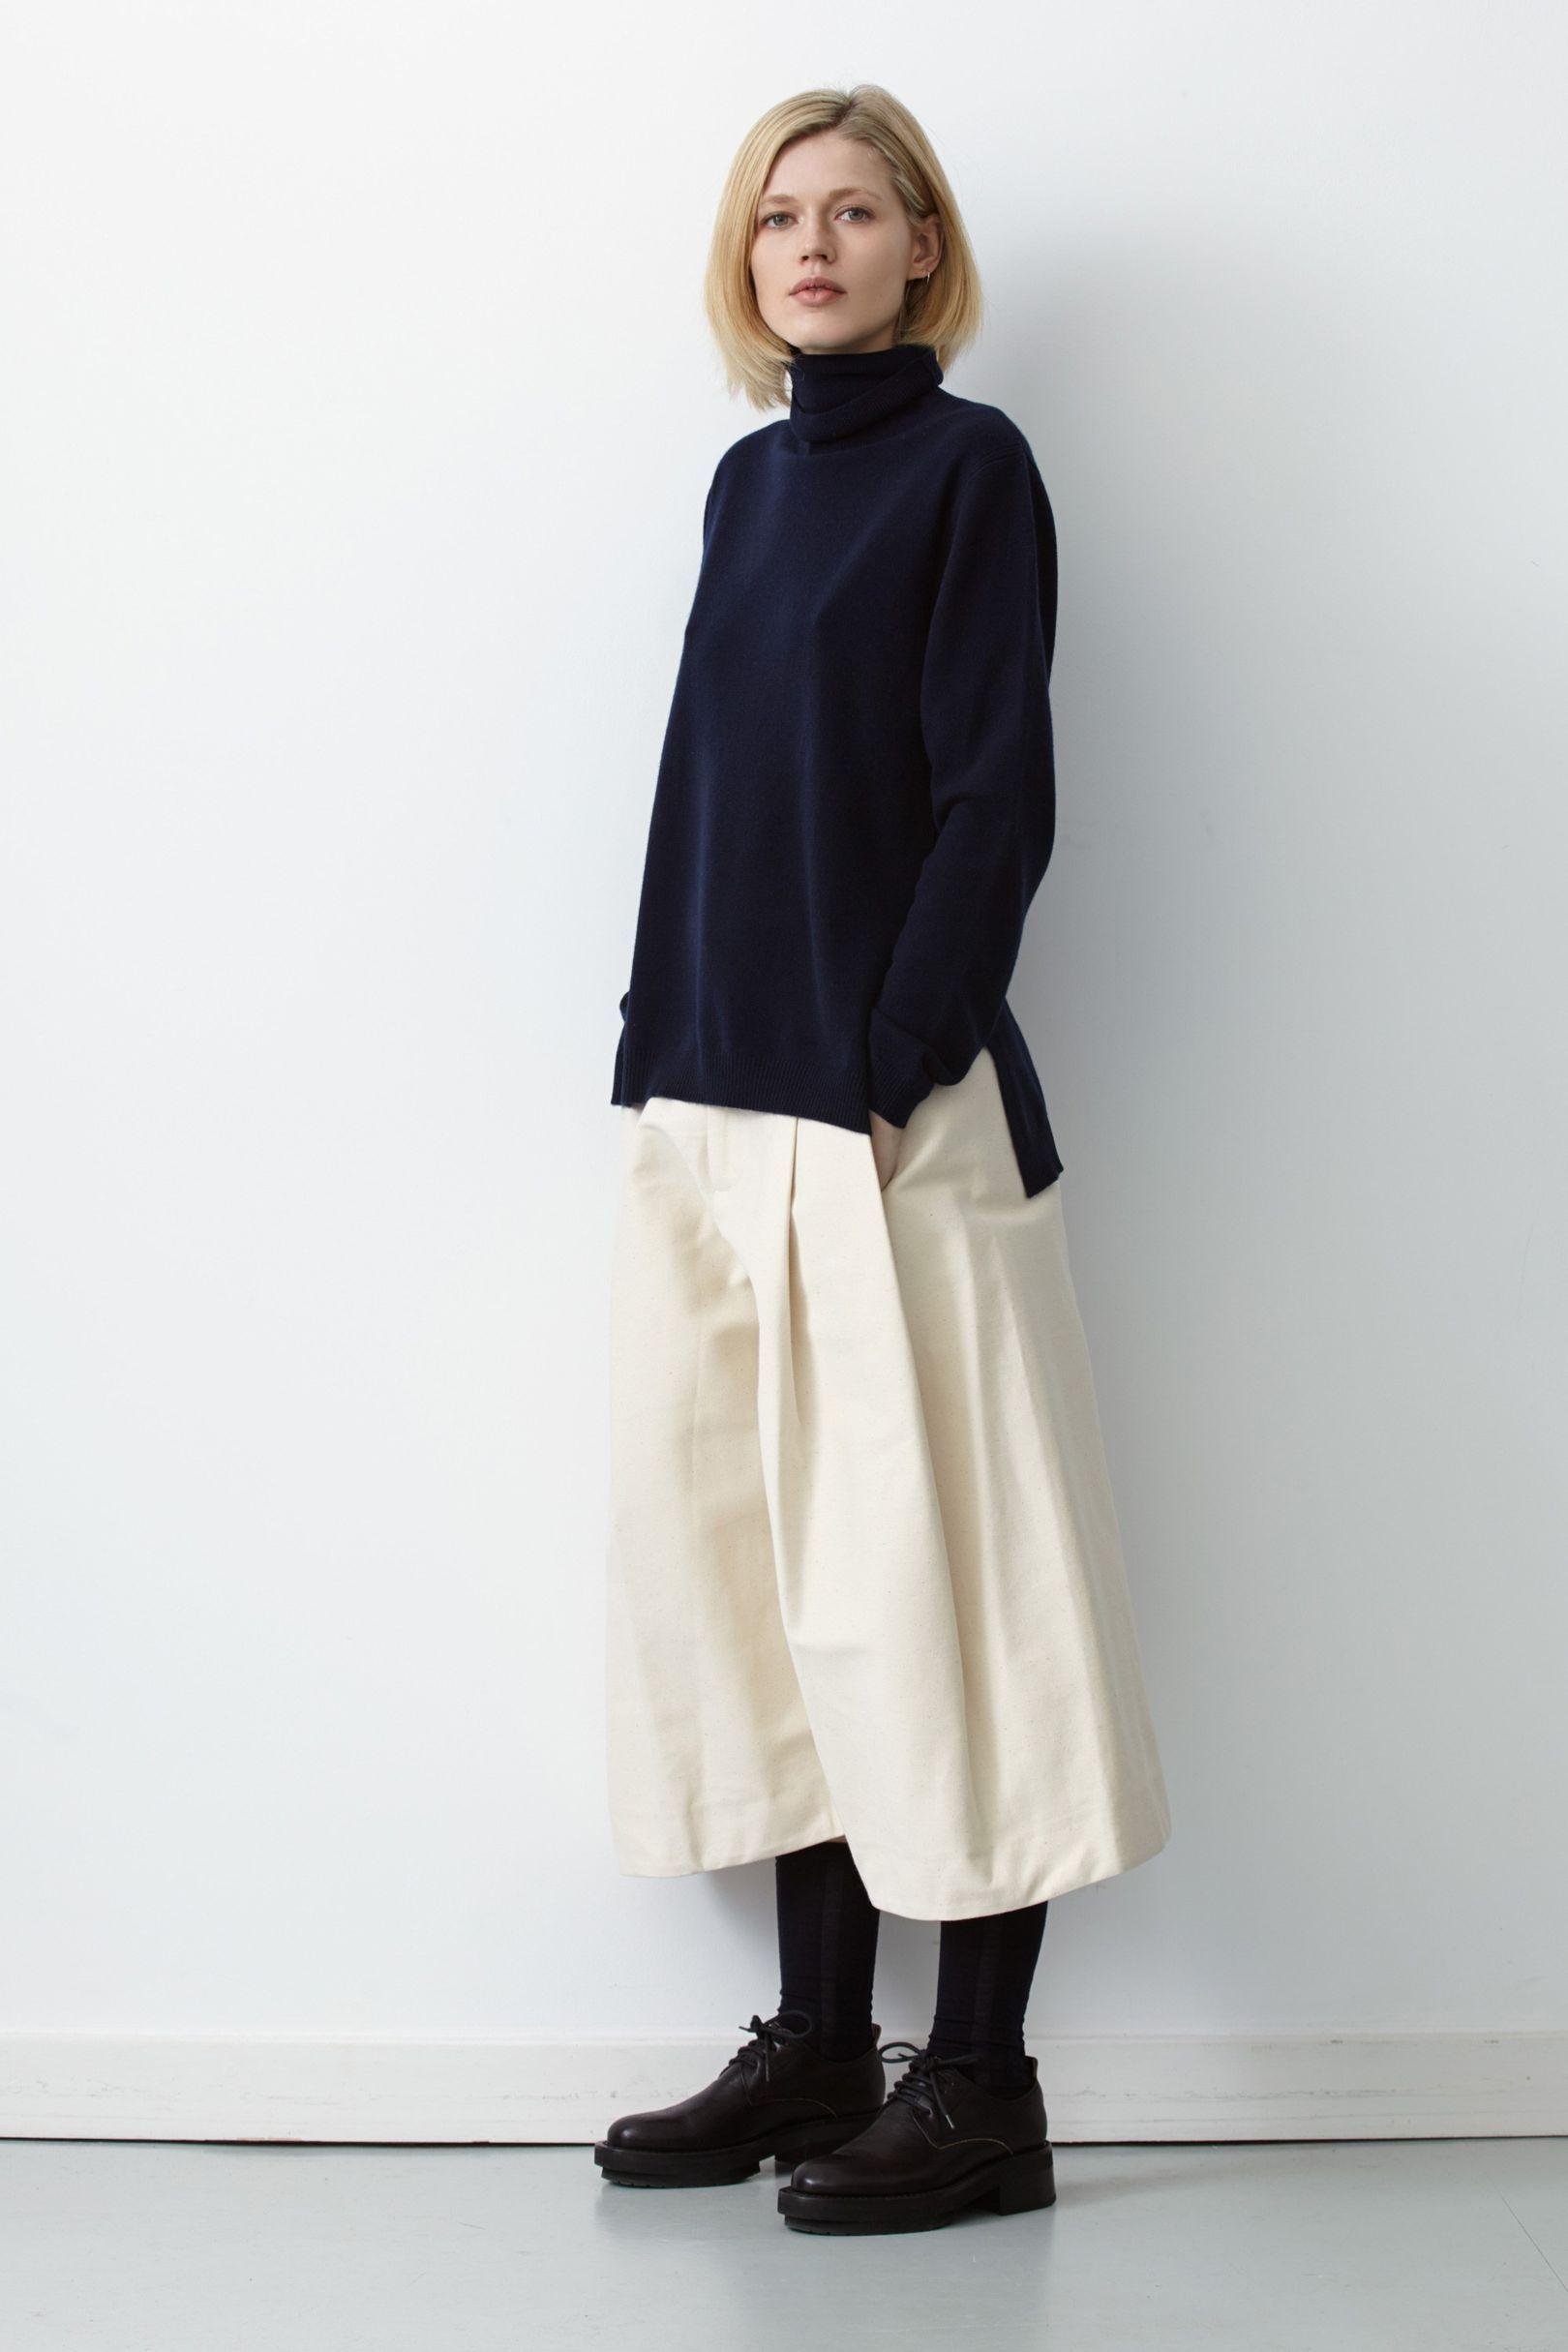 Studio Nicholson Autumn/Winter 2015 Ready-To-Wear Collection   British Vogue